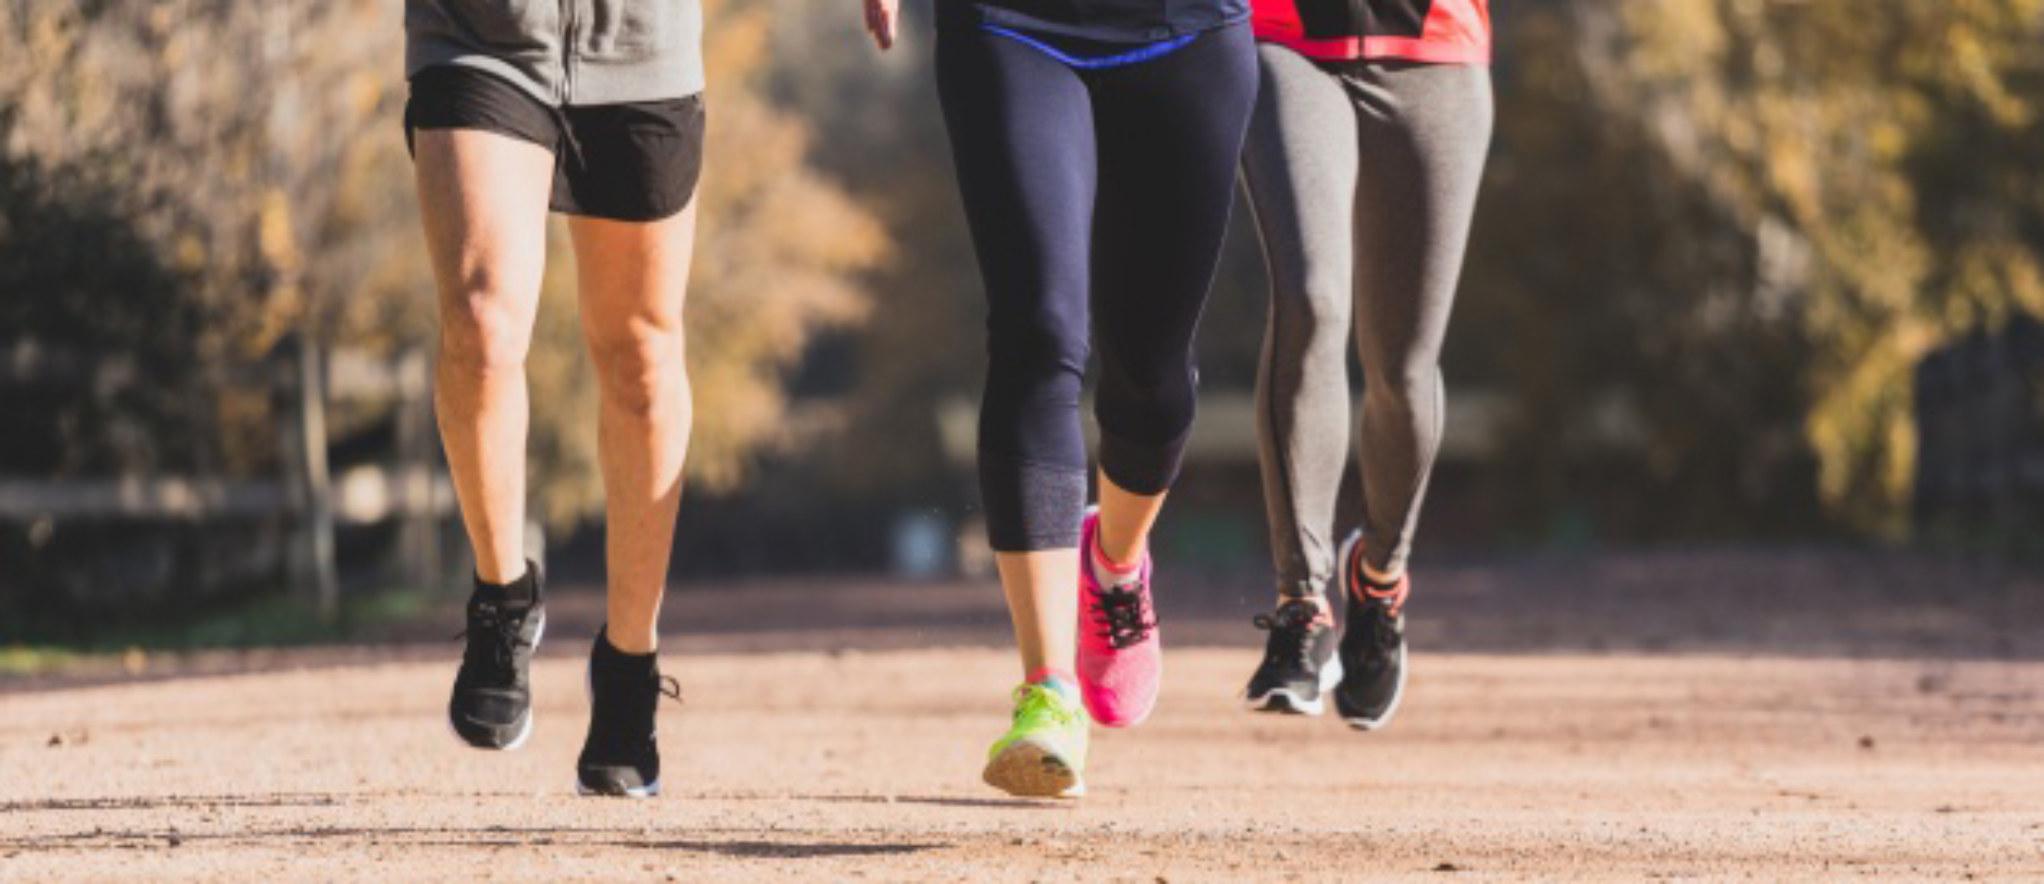 Entrenar sólo los fines de semana sí tiene beneficios para la salud